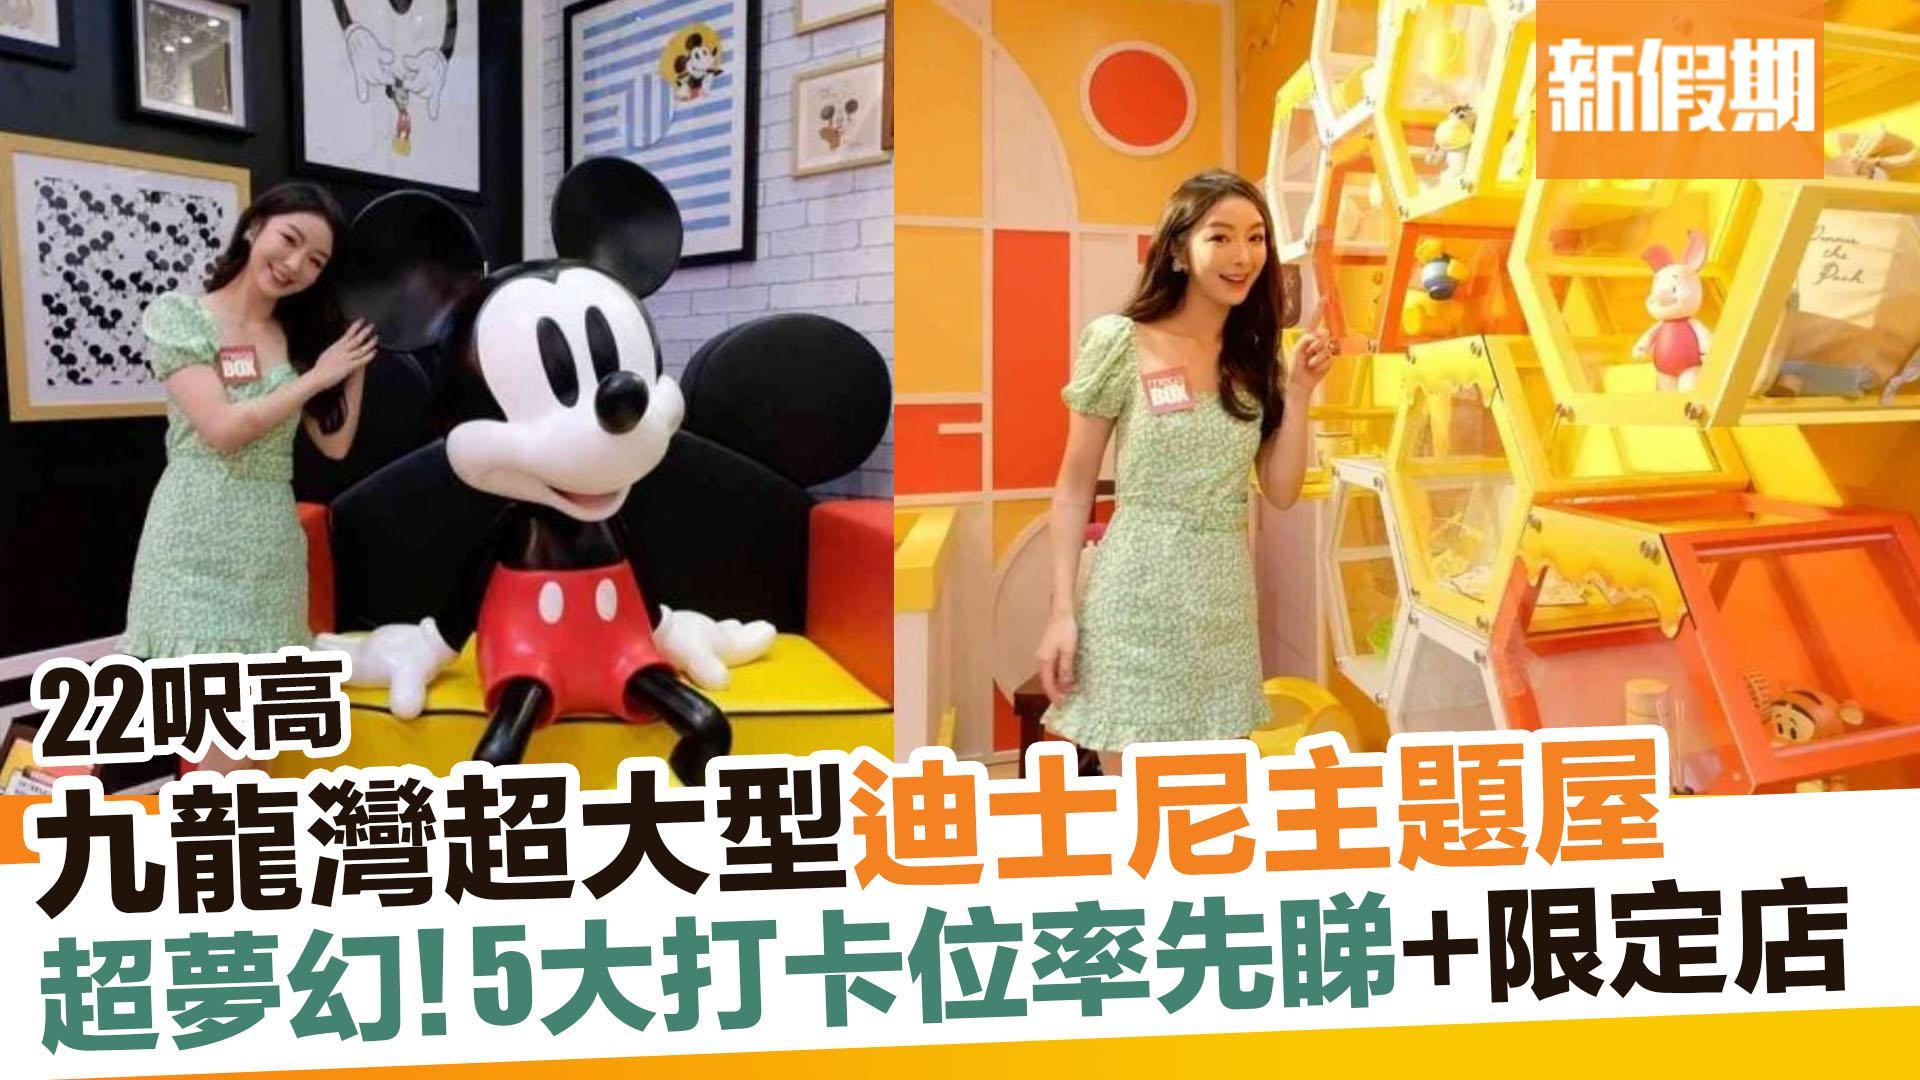 【香港好去處】九龍灣Megabox開22呎高超大型迪士尼主題屋 現場率先睇! 新假期